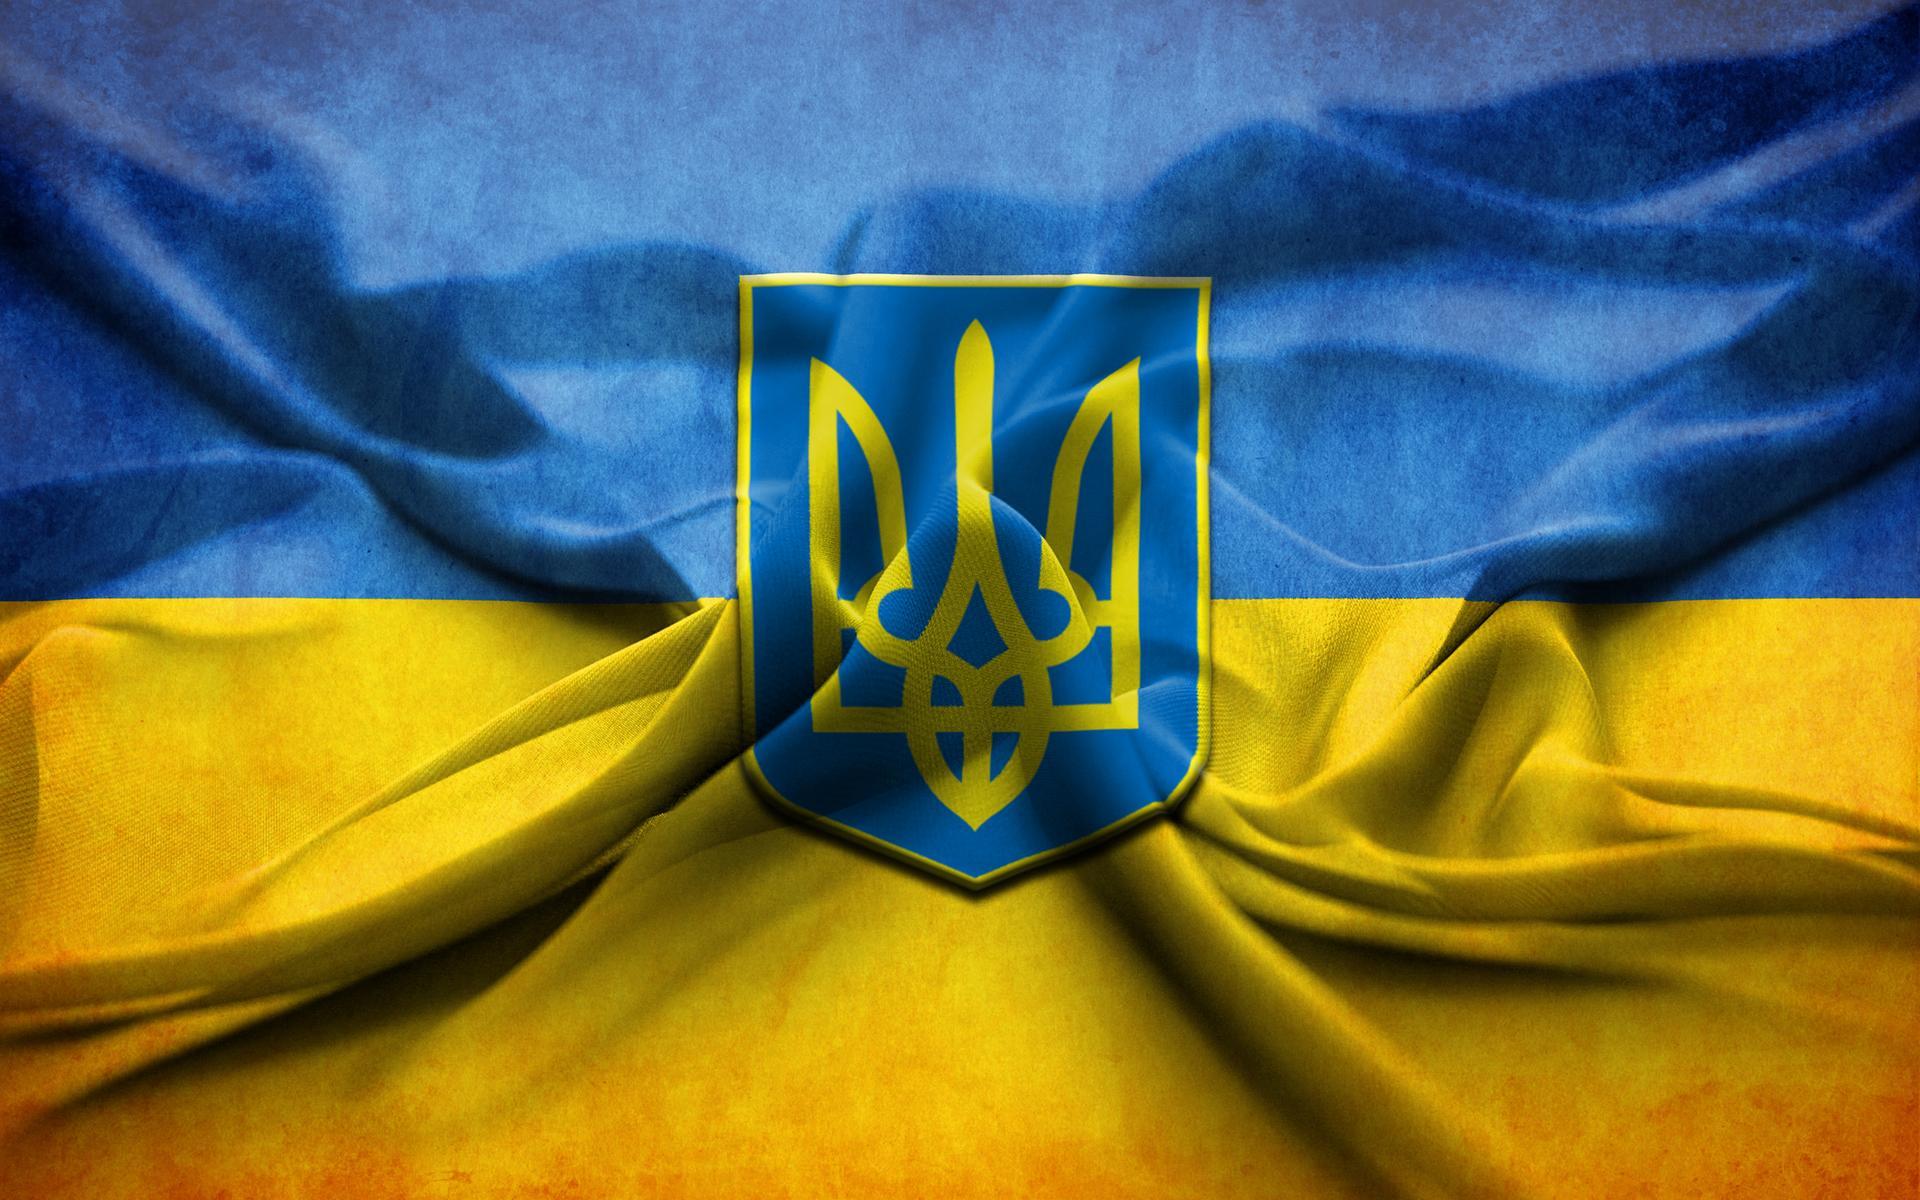 Украина надеется на проведение переговоров с Россией по поставкам газа до конца 2015 г